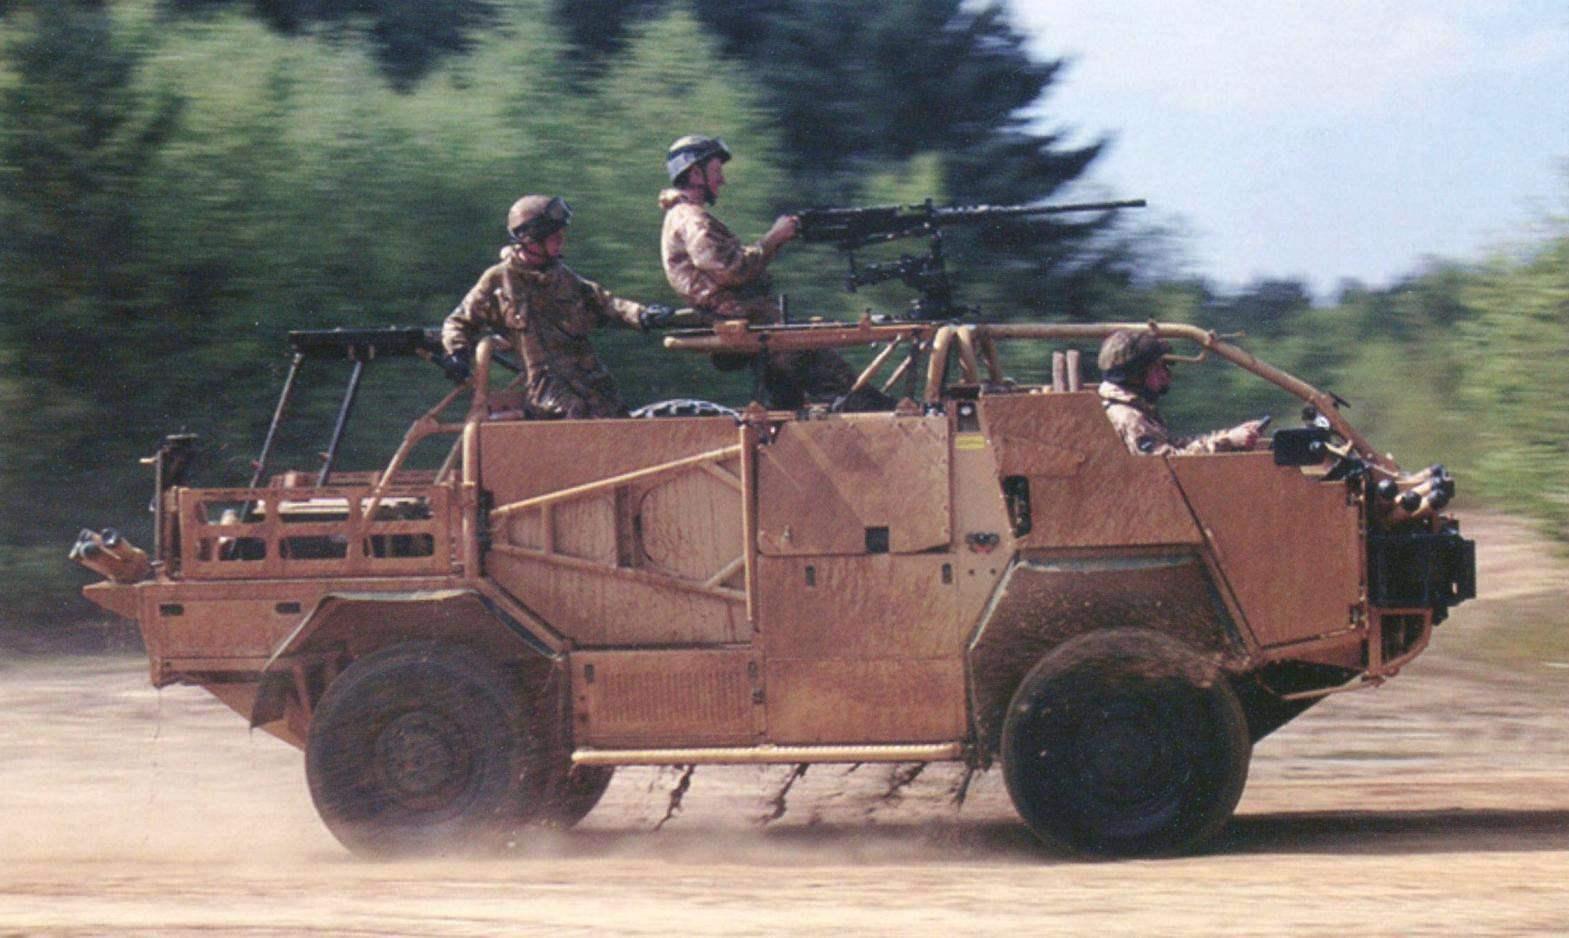 Патрульный броневик Supacat 400 Jackal 2А. Британская база «Кемп Бастион», провинция Гильменд, Афганистан, 2008 г.